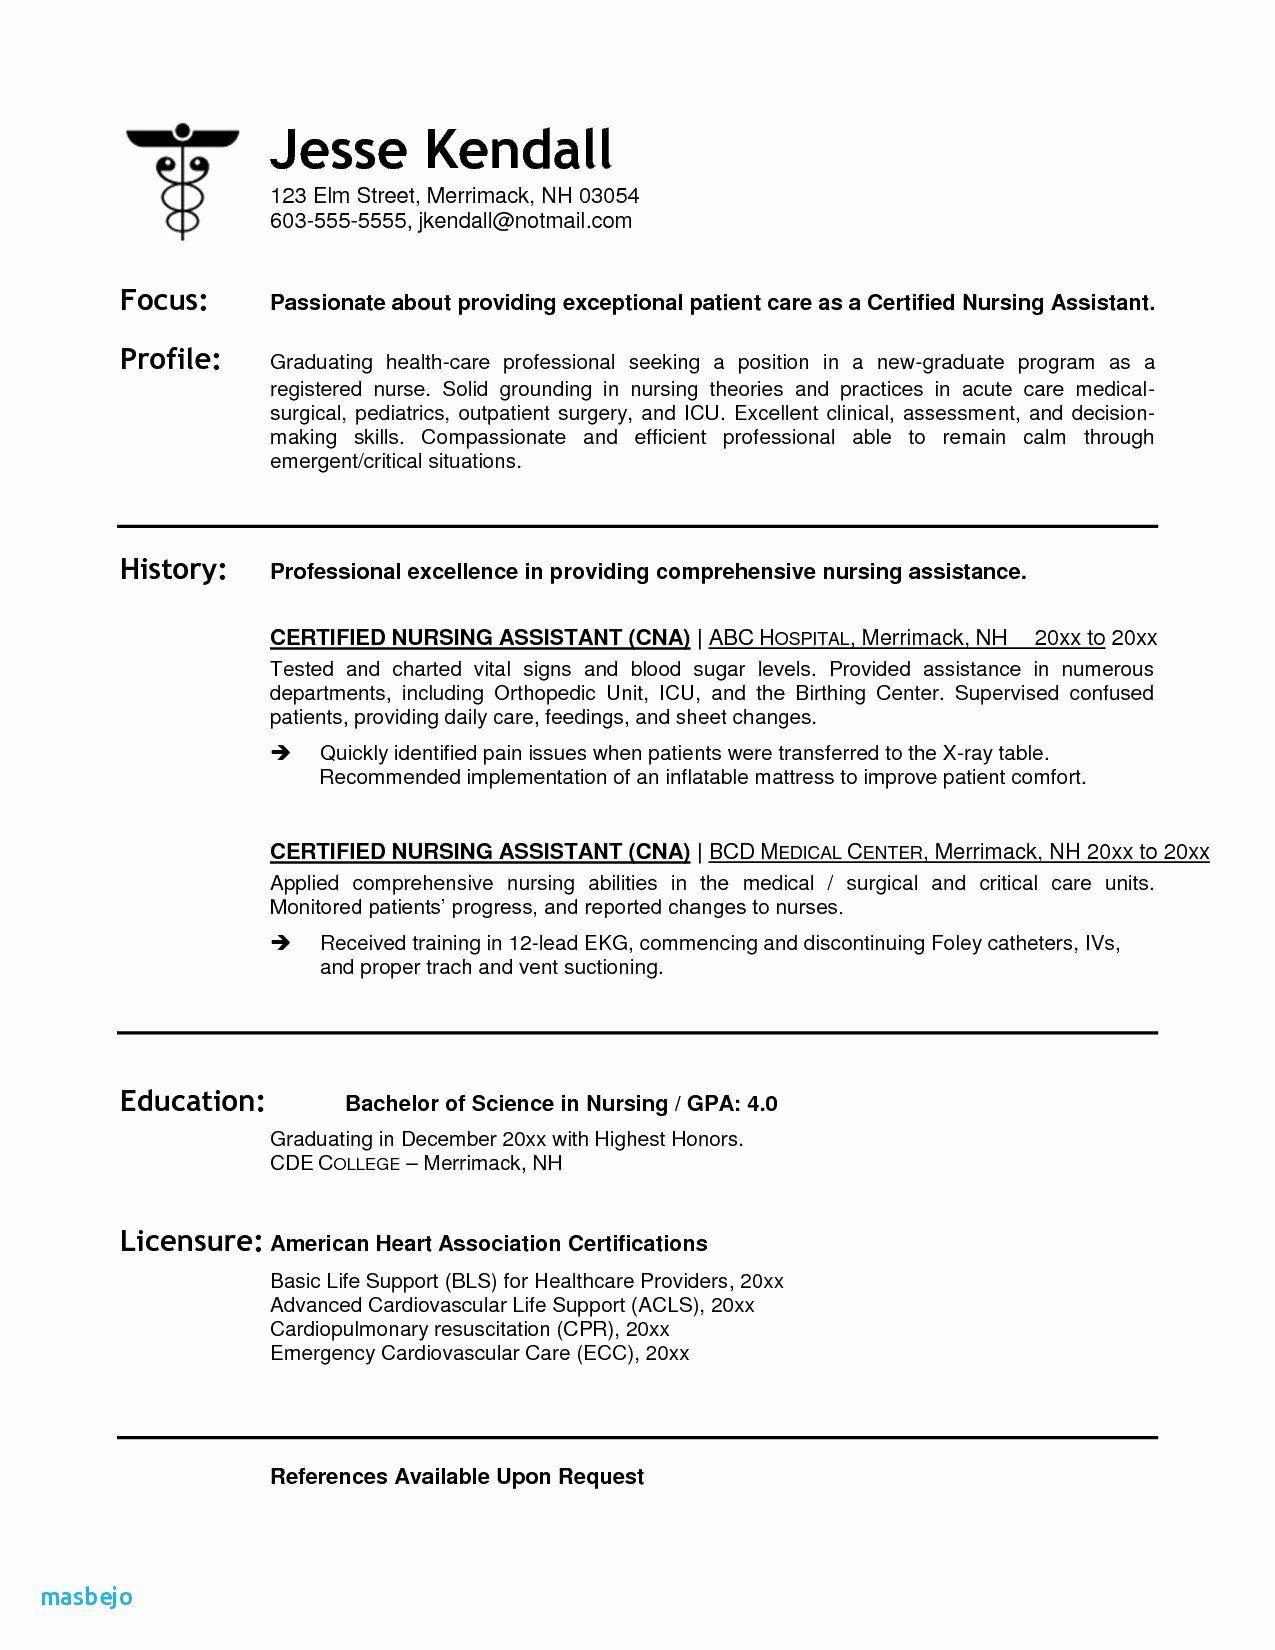 Certified Nursing Assistant Resume Unique Certified Nursing Assistant Resume Objective Awesome Nursing In 2020 Nursing Resume Registered Nurse Resume Nursing Assistant